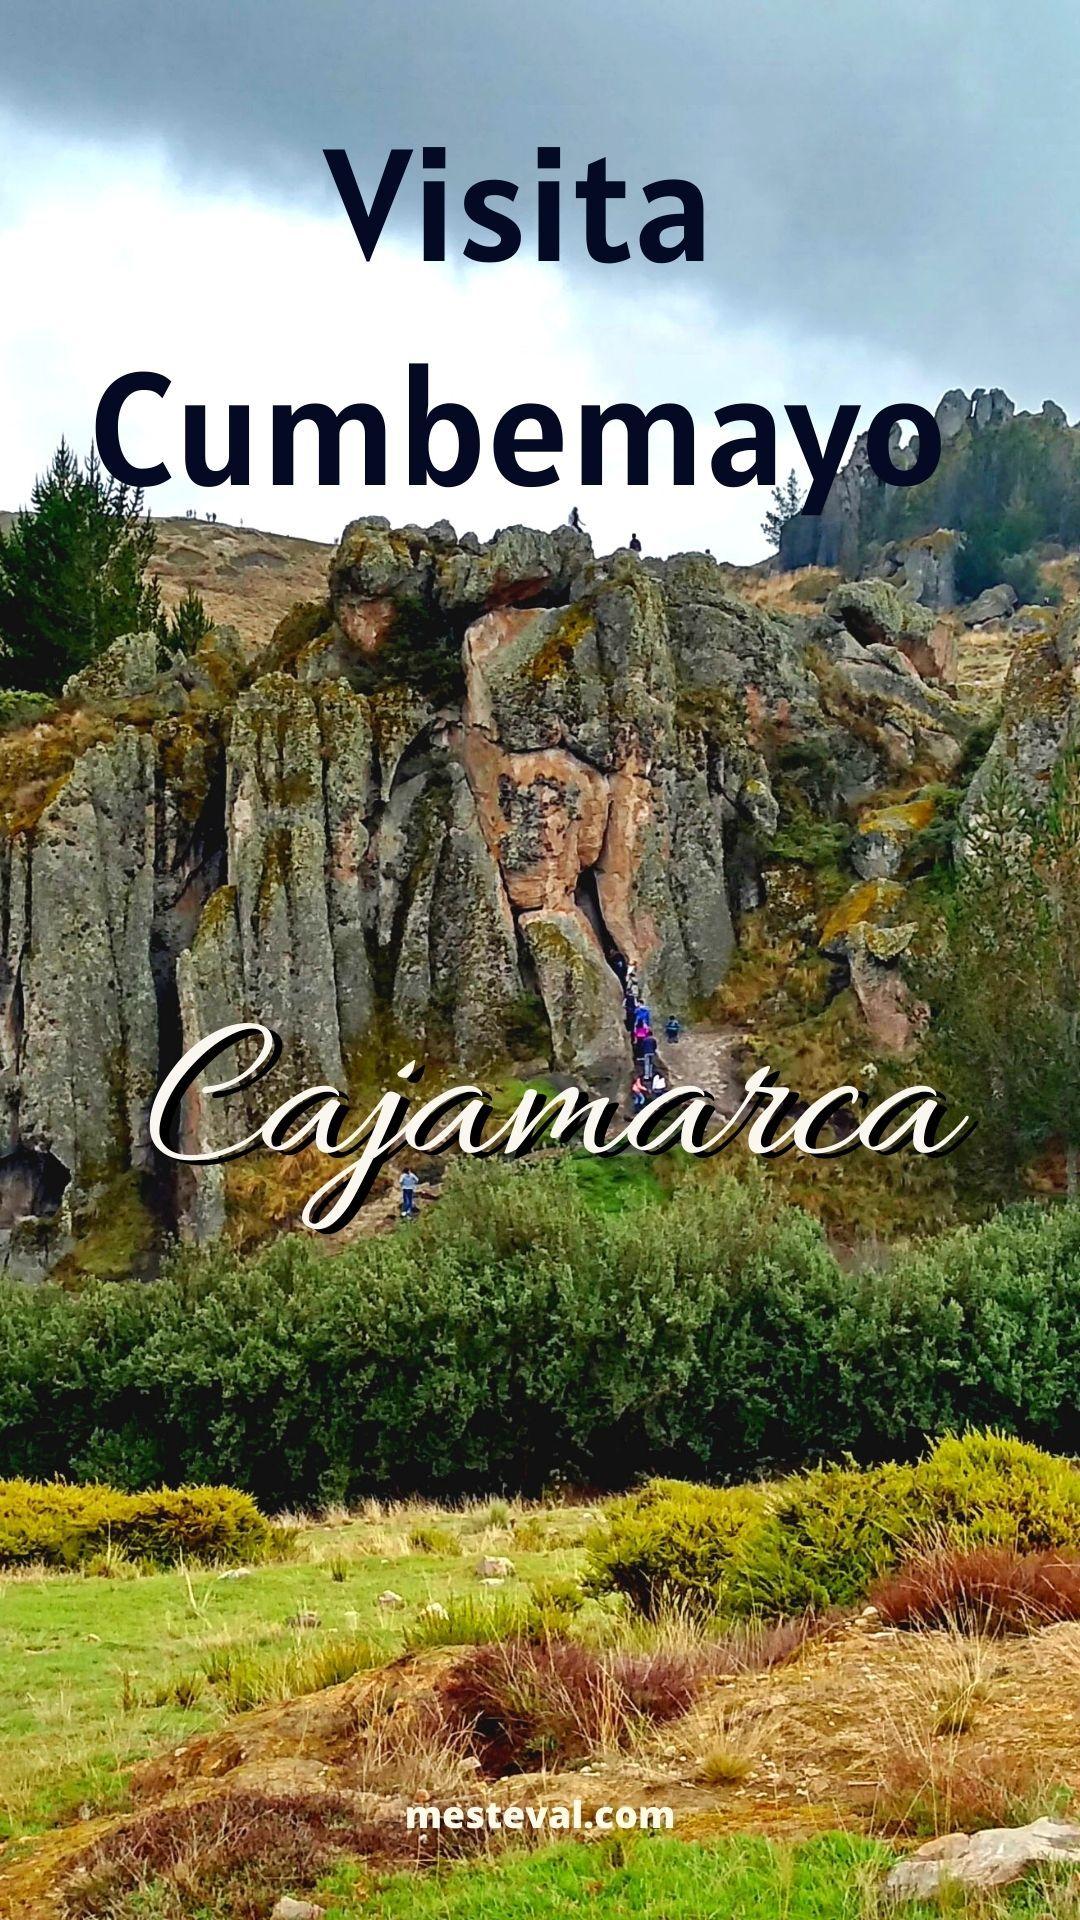 Viajar A Cajamarca 7 Lugares Para Visitar En 1 Dia Y Medio Viajar En Pareja Viaje Al Aire Libre Viajes De Aventura